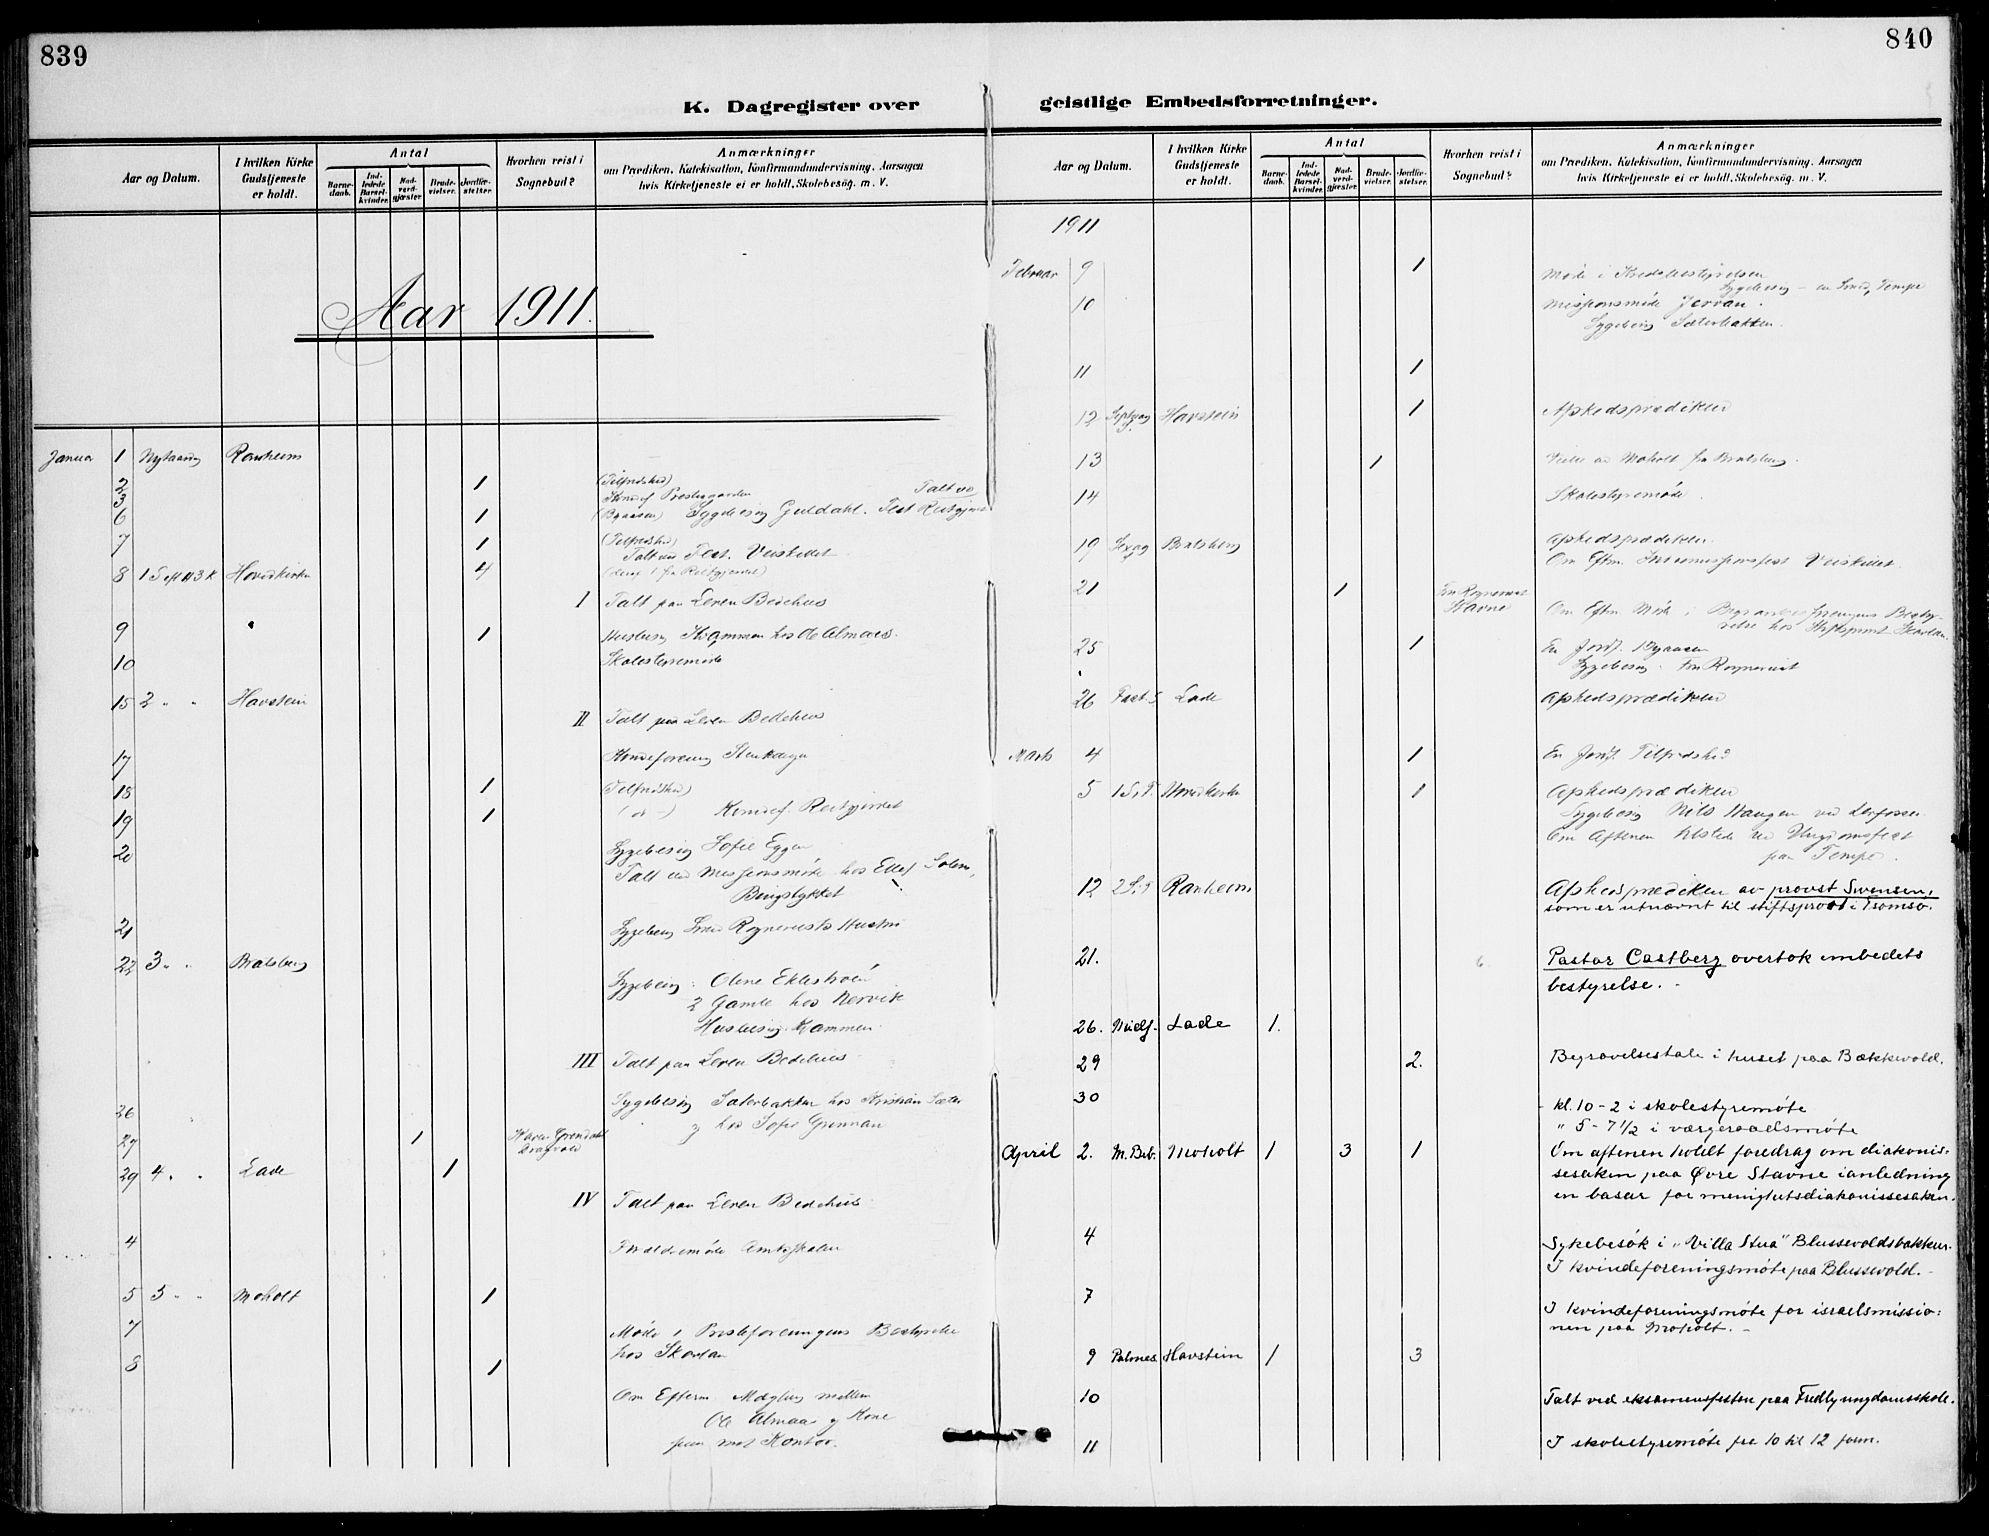 SAT, Ministerialprotokoller, klokkerbøker og fødselsregistre - Sør-Trøndelag, 607/L0320: Ministerialbok nr. 607A04, 1907-1915, s. 839-840